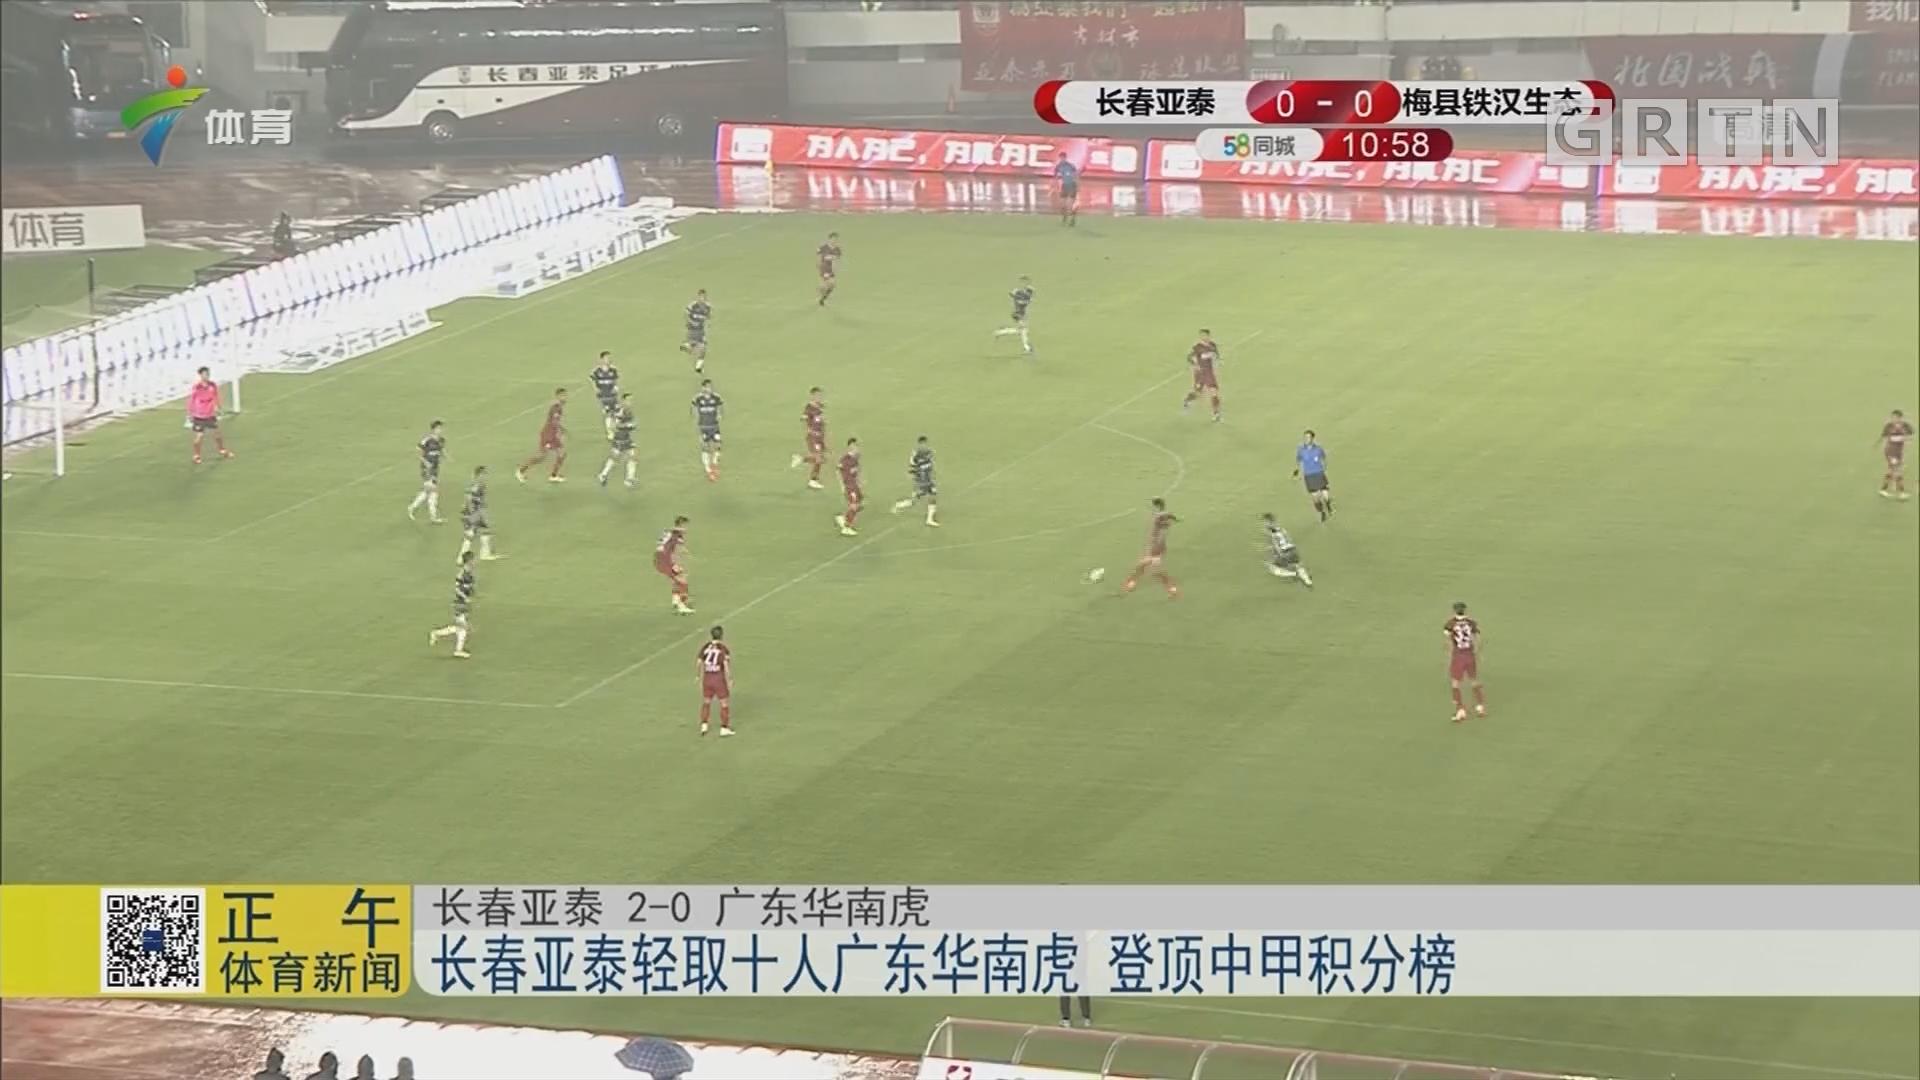 长春亚泰轻取十人广东华南虎 登顶中甲积分榜